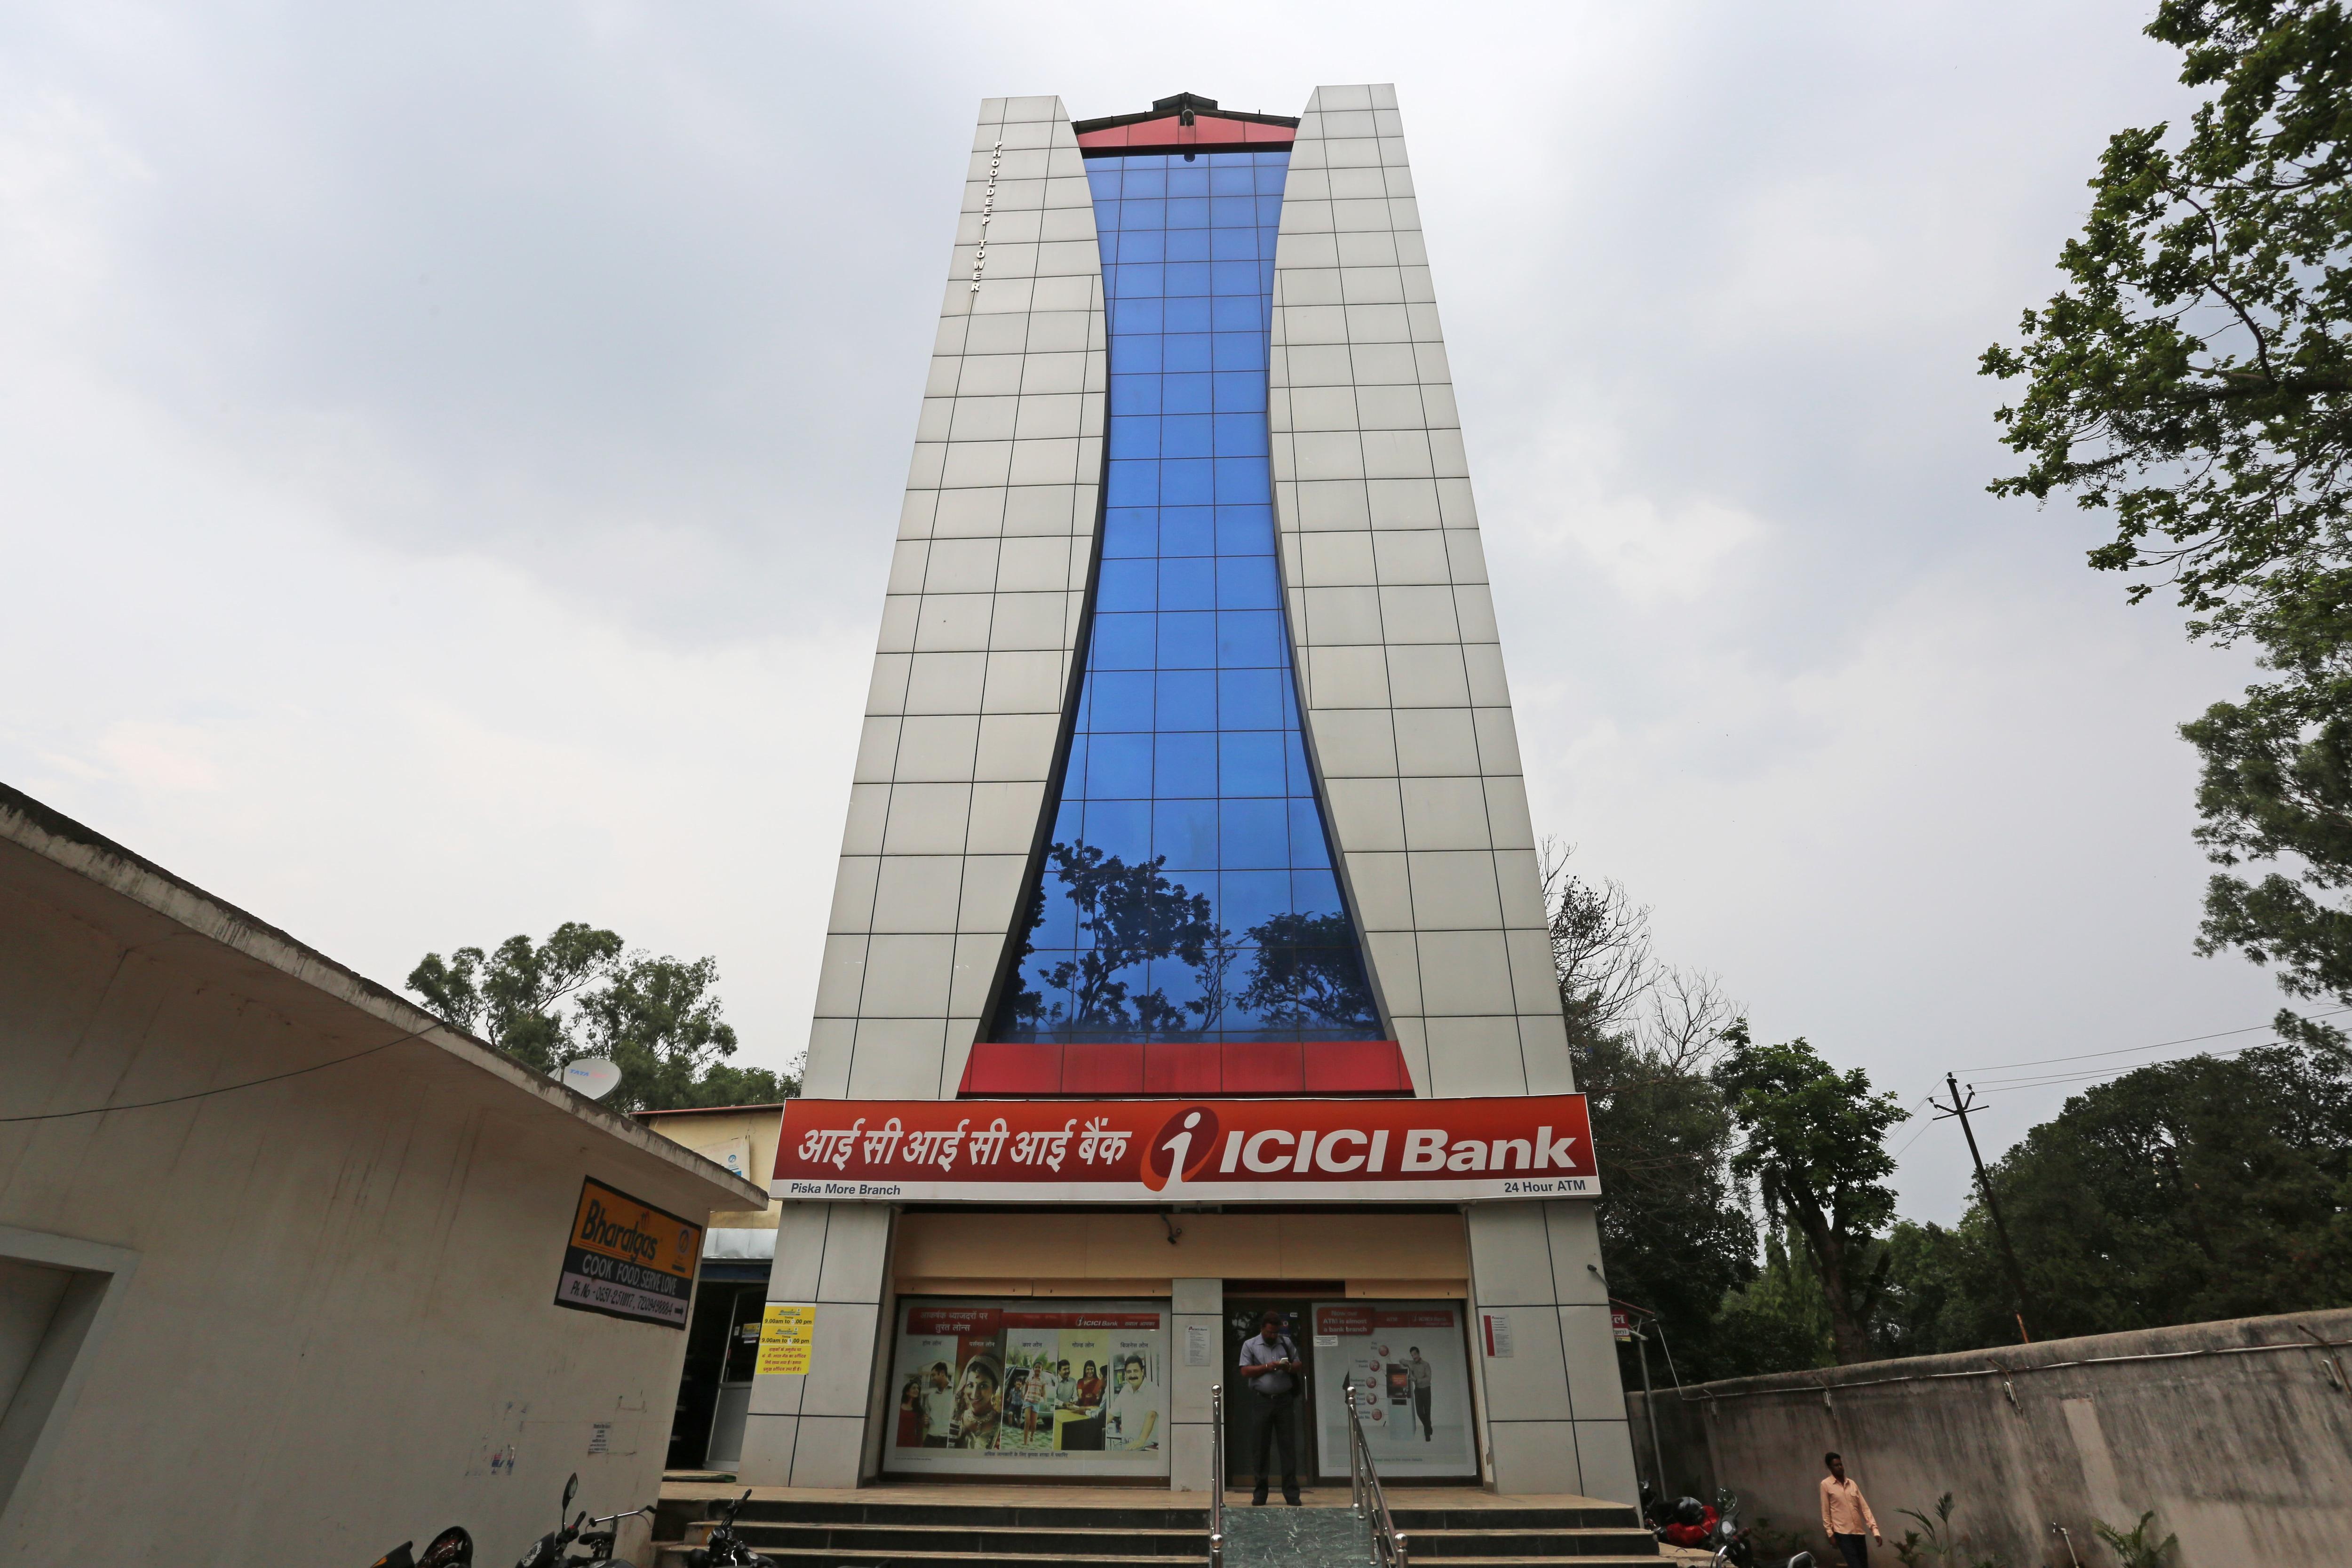 Oyo 7145 Hotel Star Lotus in Ranchi